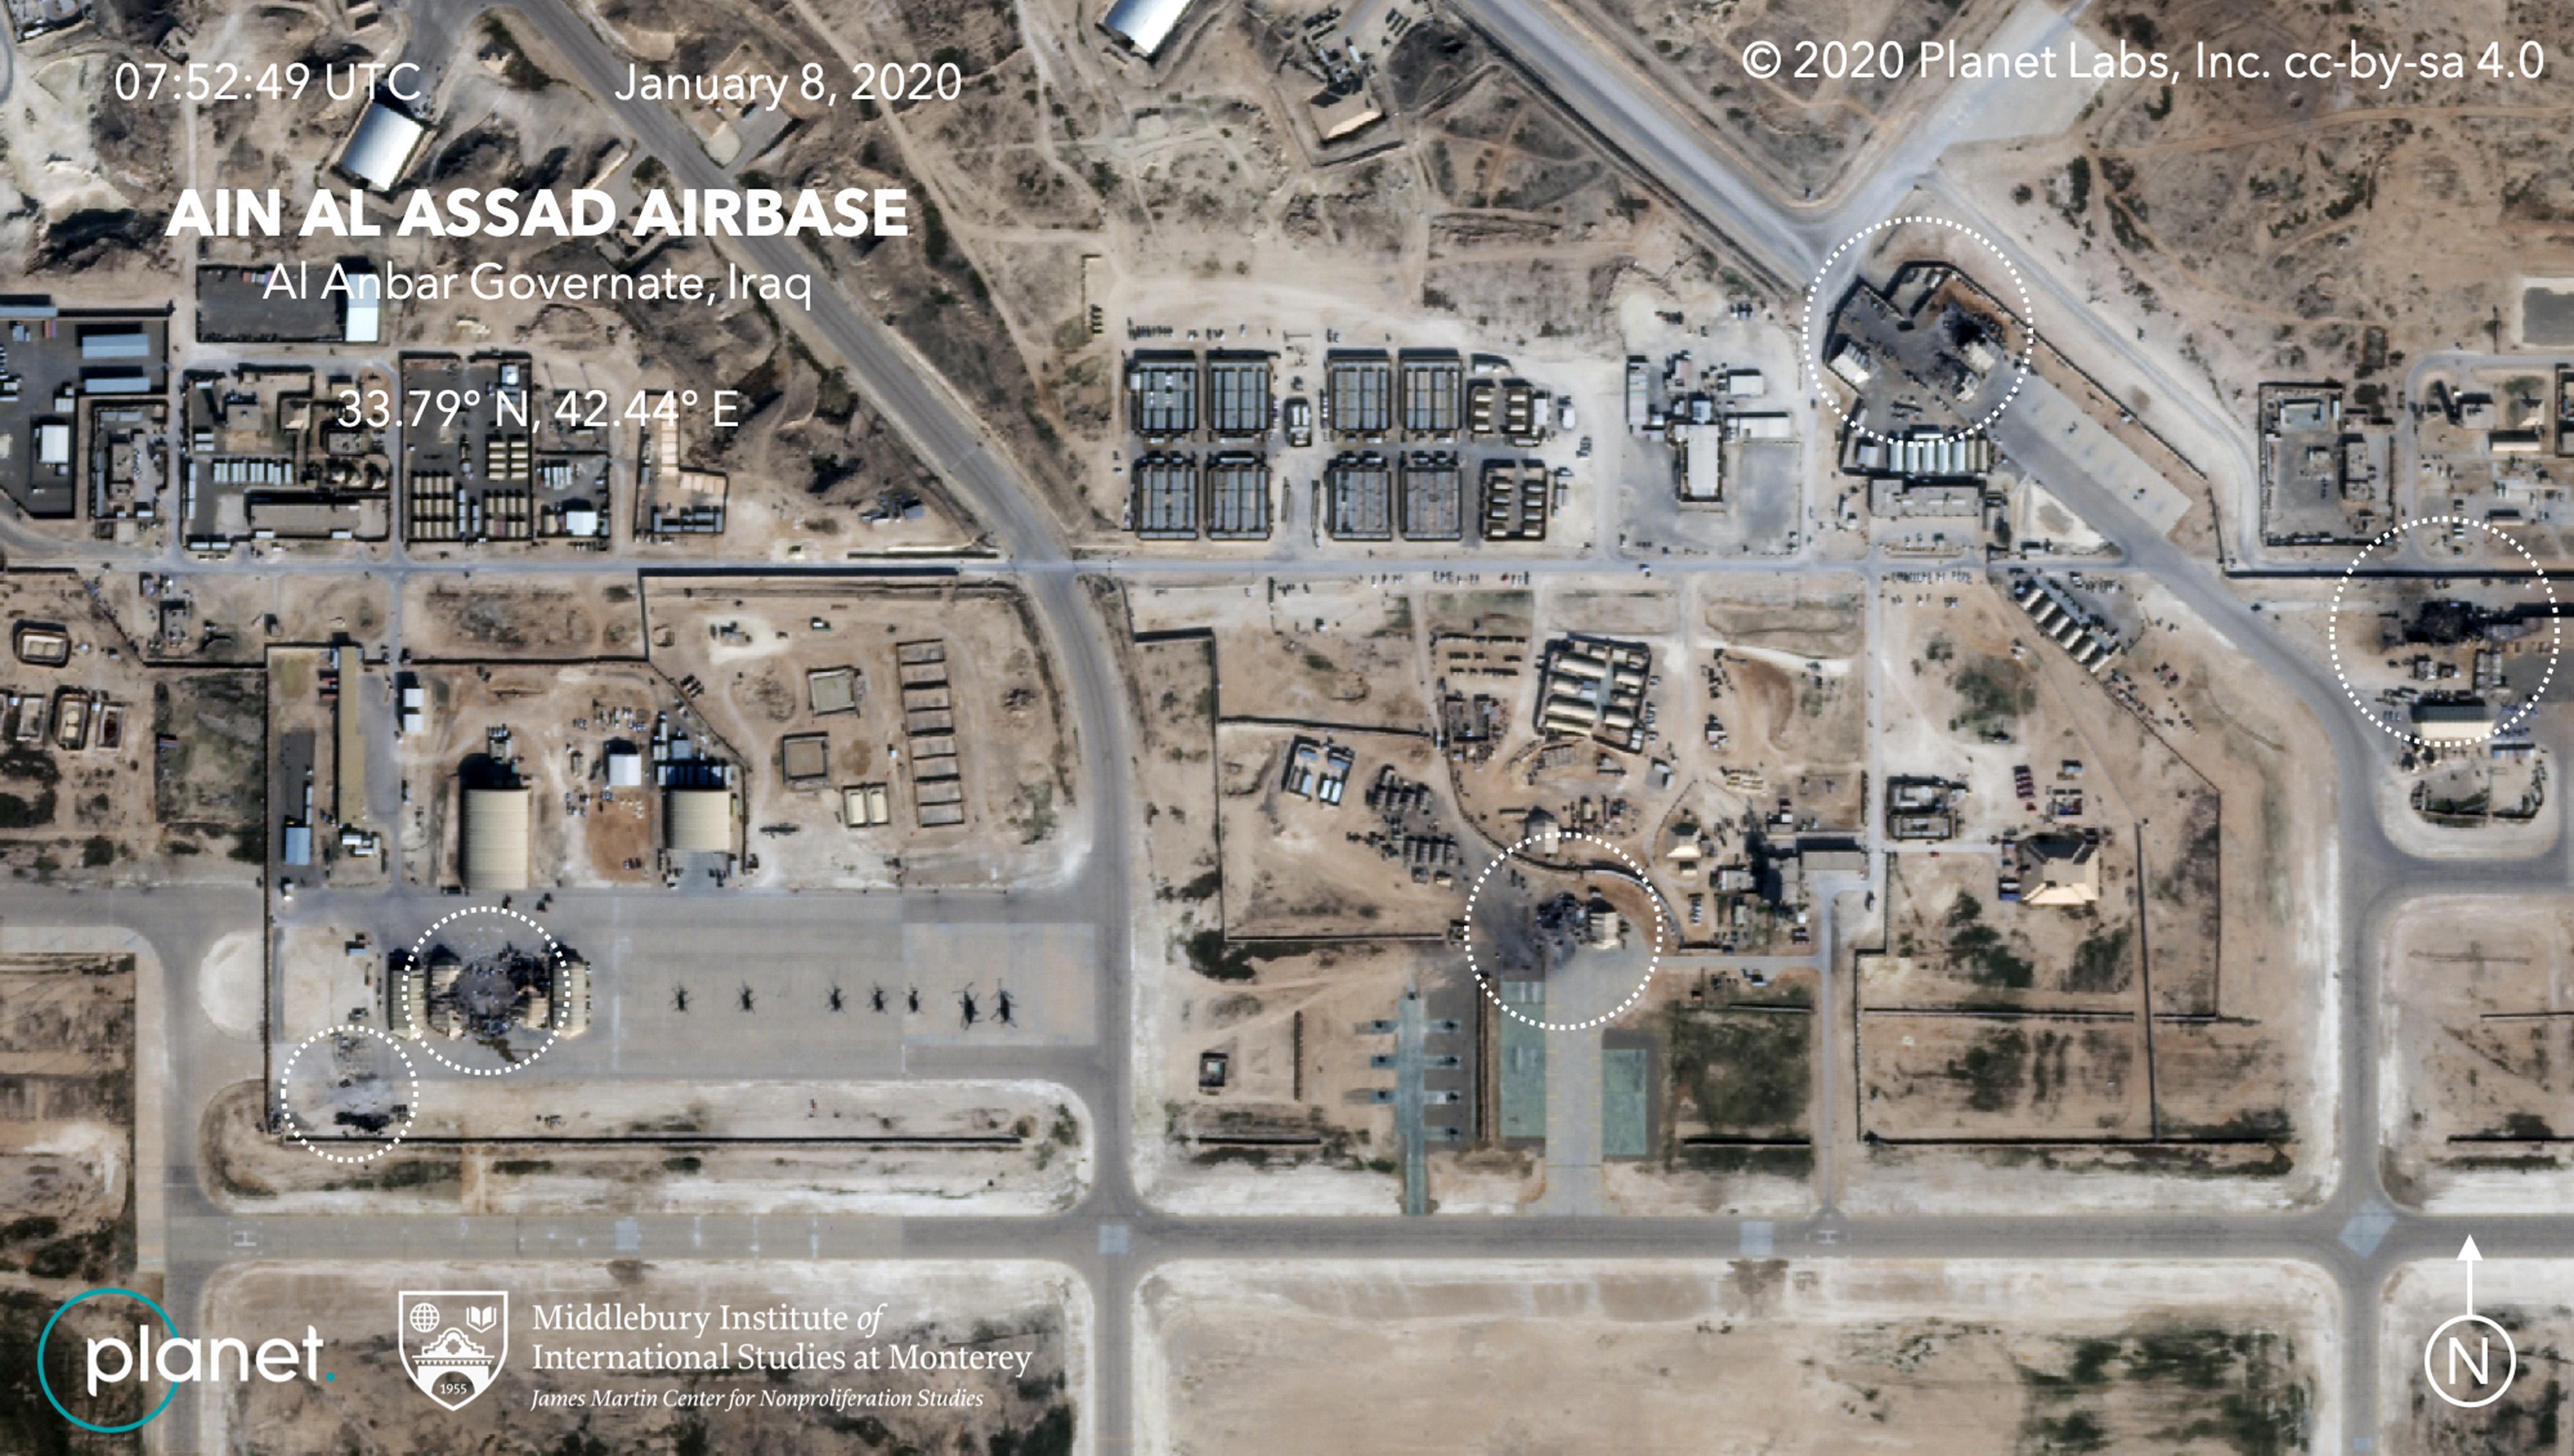 תצלום אוויר המציג את הנזק לבסיס האווירי עין אל-אסד כתוצאה מהתקפות איראניות